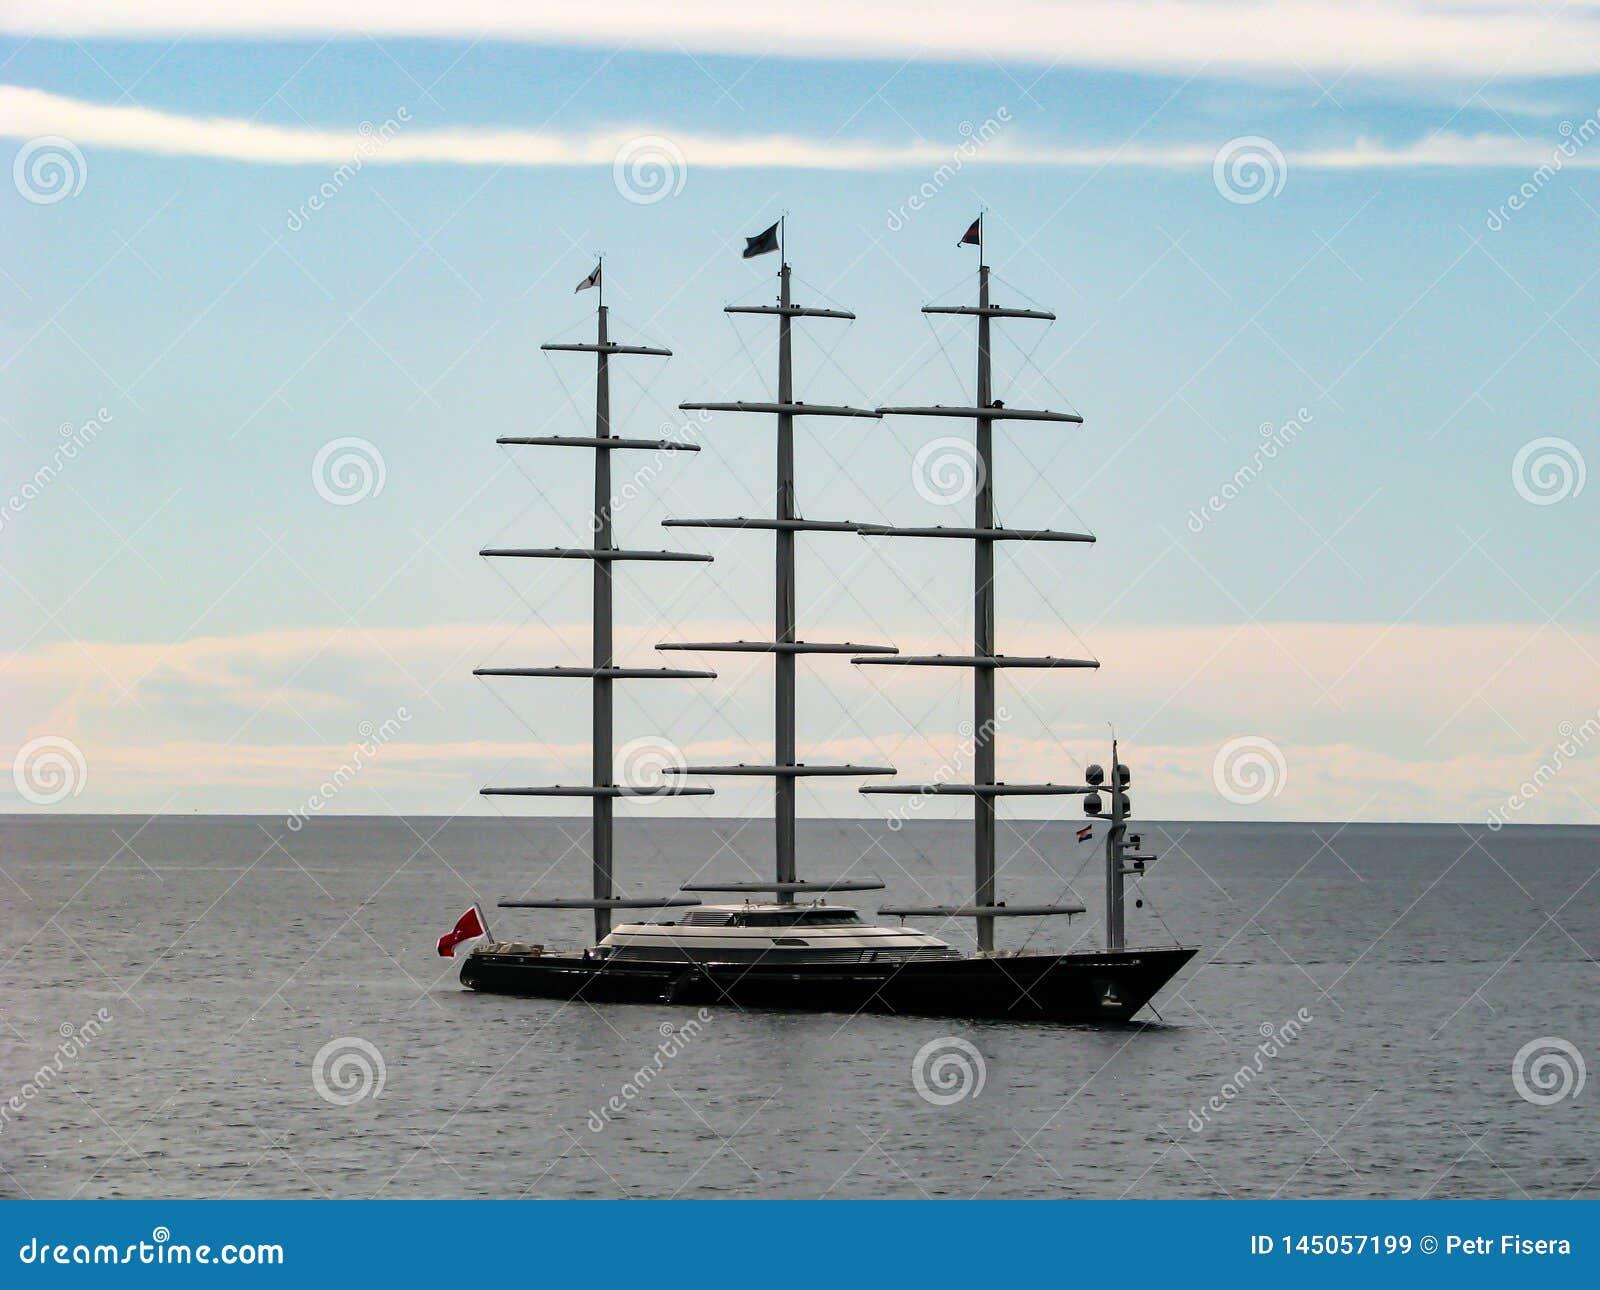 Barco de lujo en el mar en un día soleado